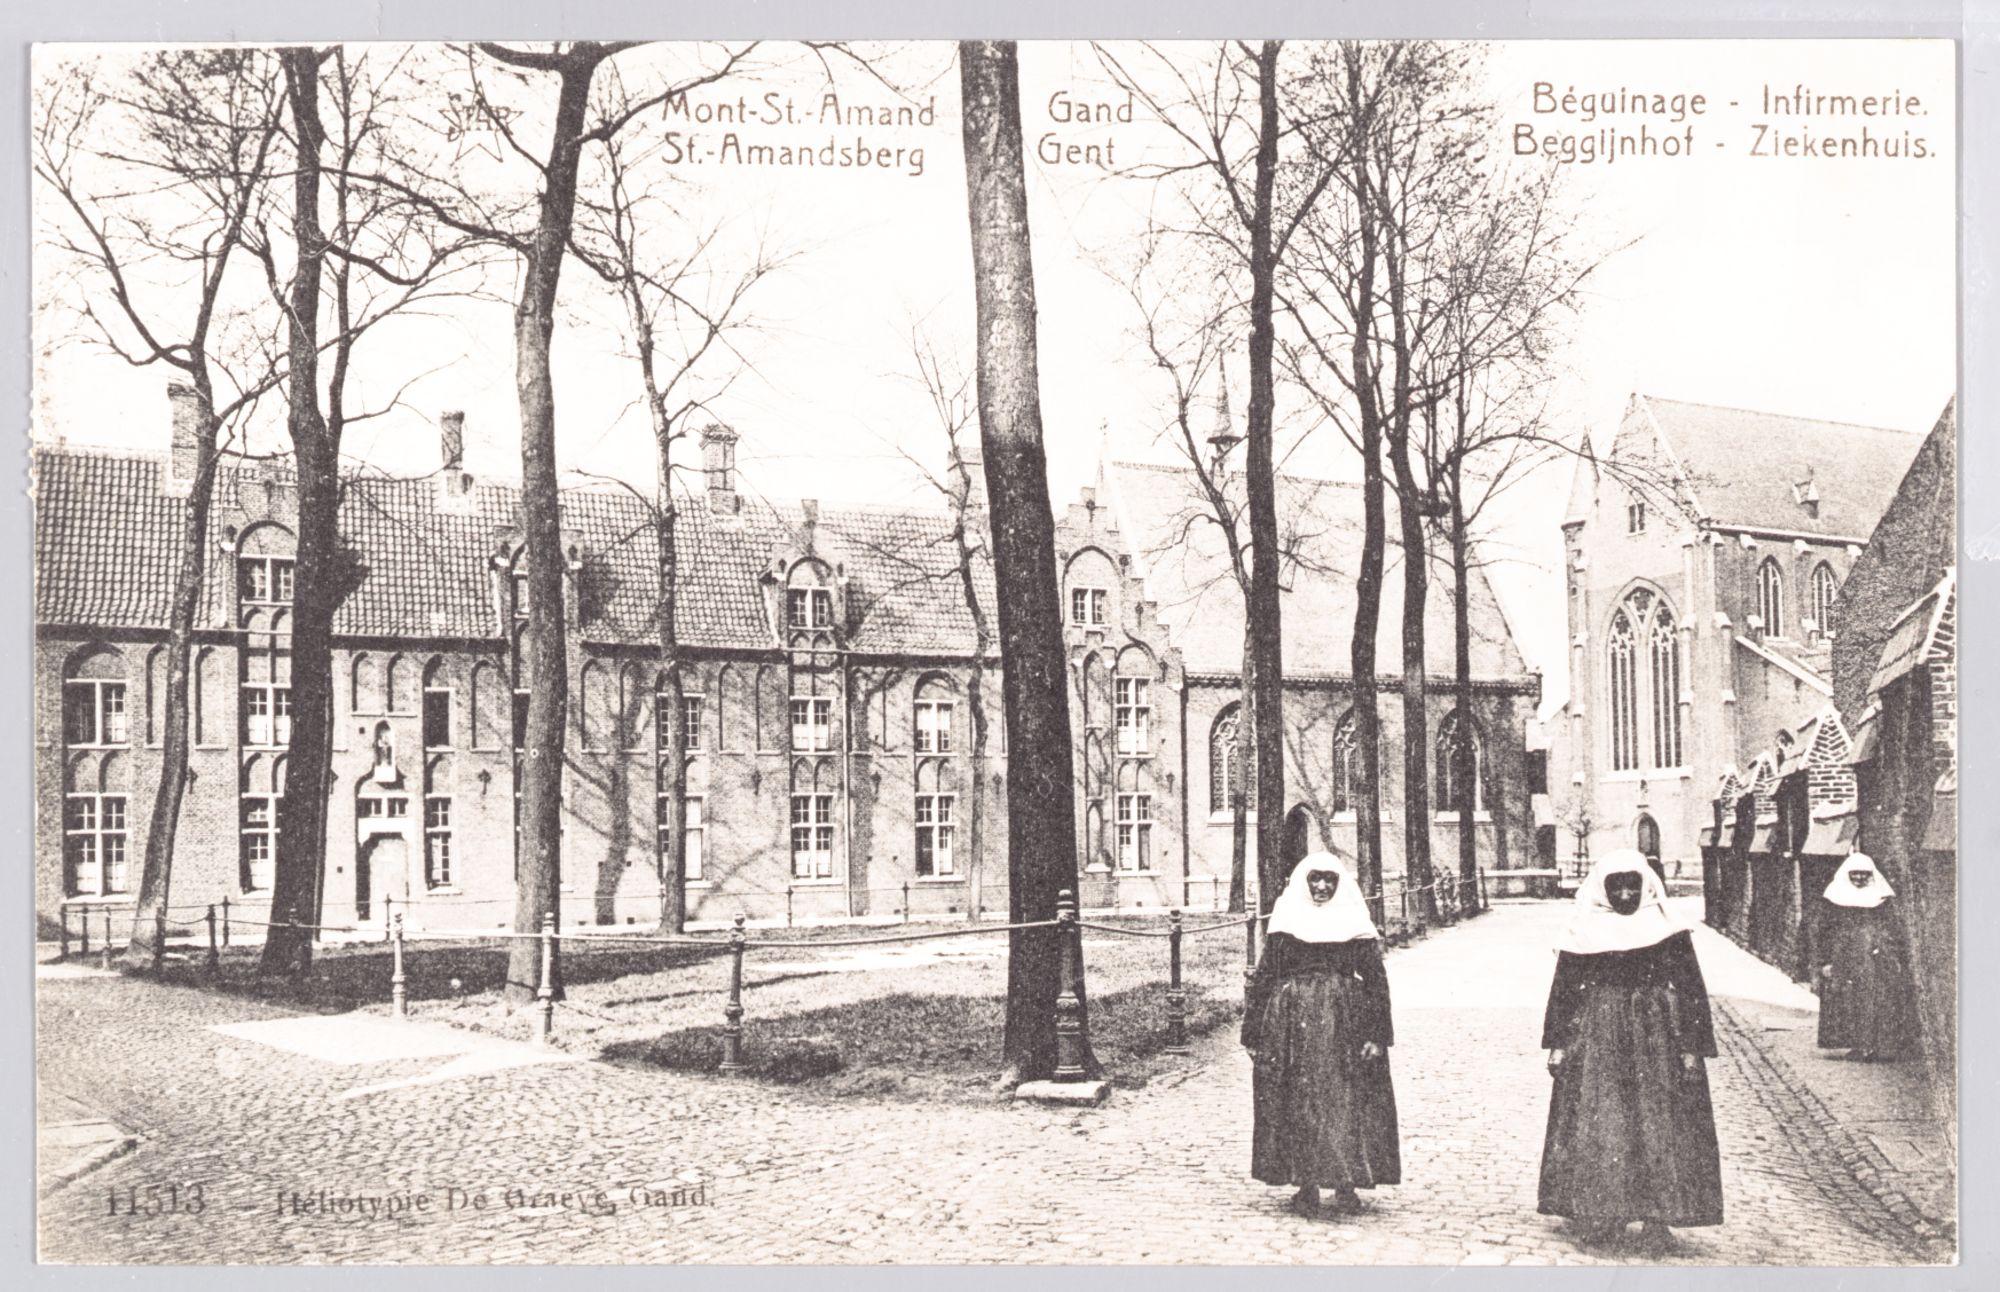 Sint-Amandsberg: Groot Begijnhof: infirmerie (ziekenboeg)